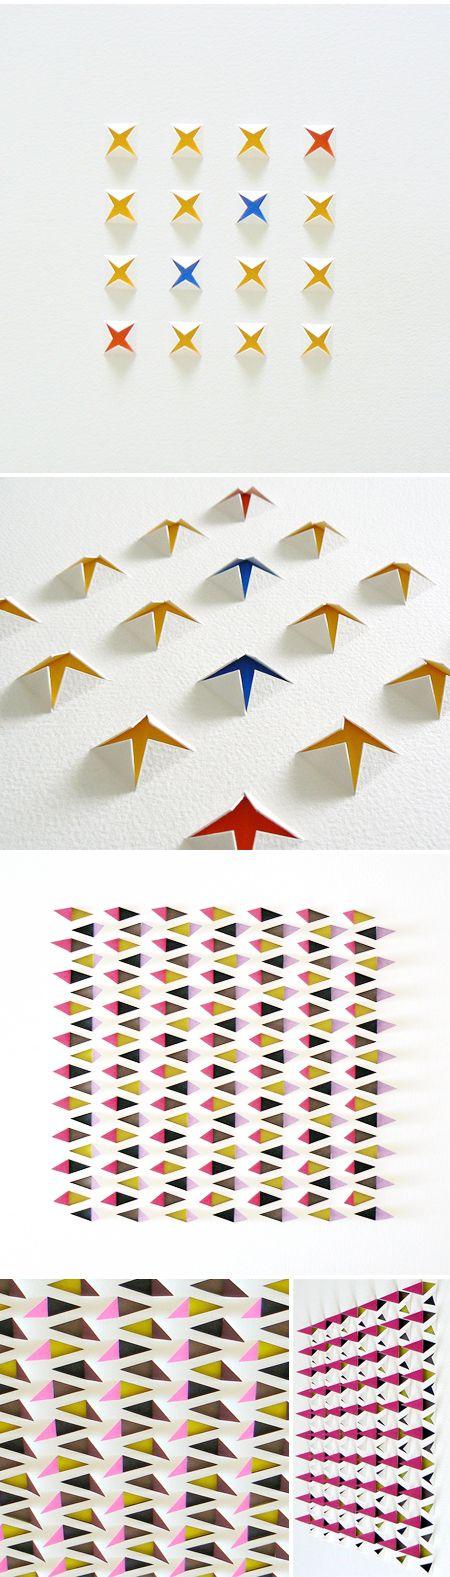 lisa rodden - cut paper. whoa.